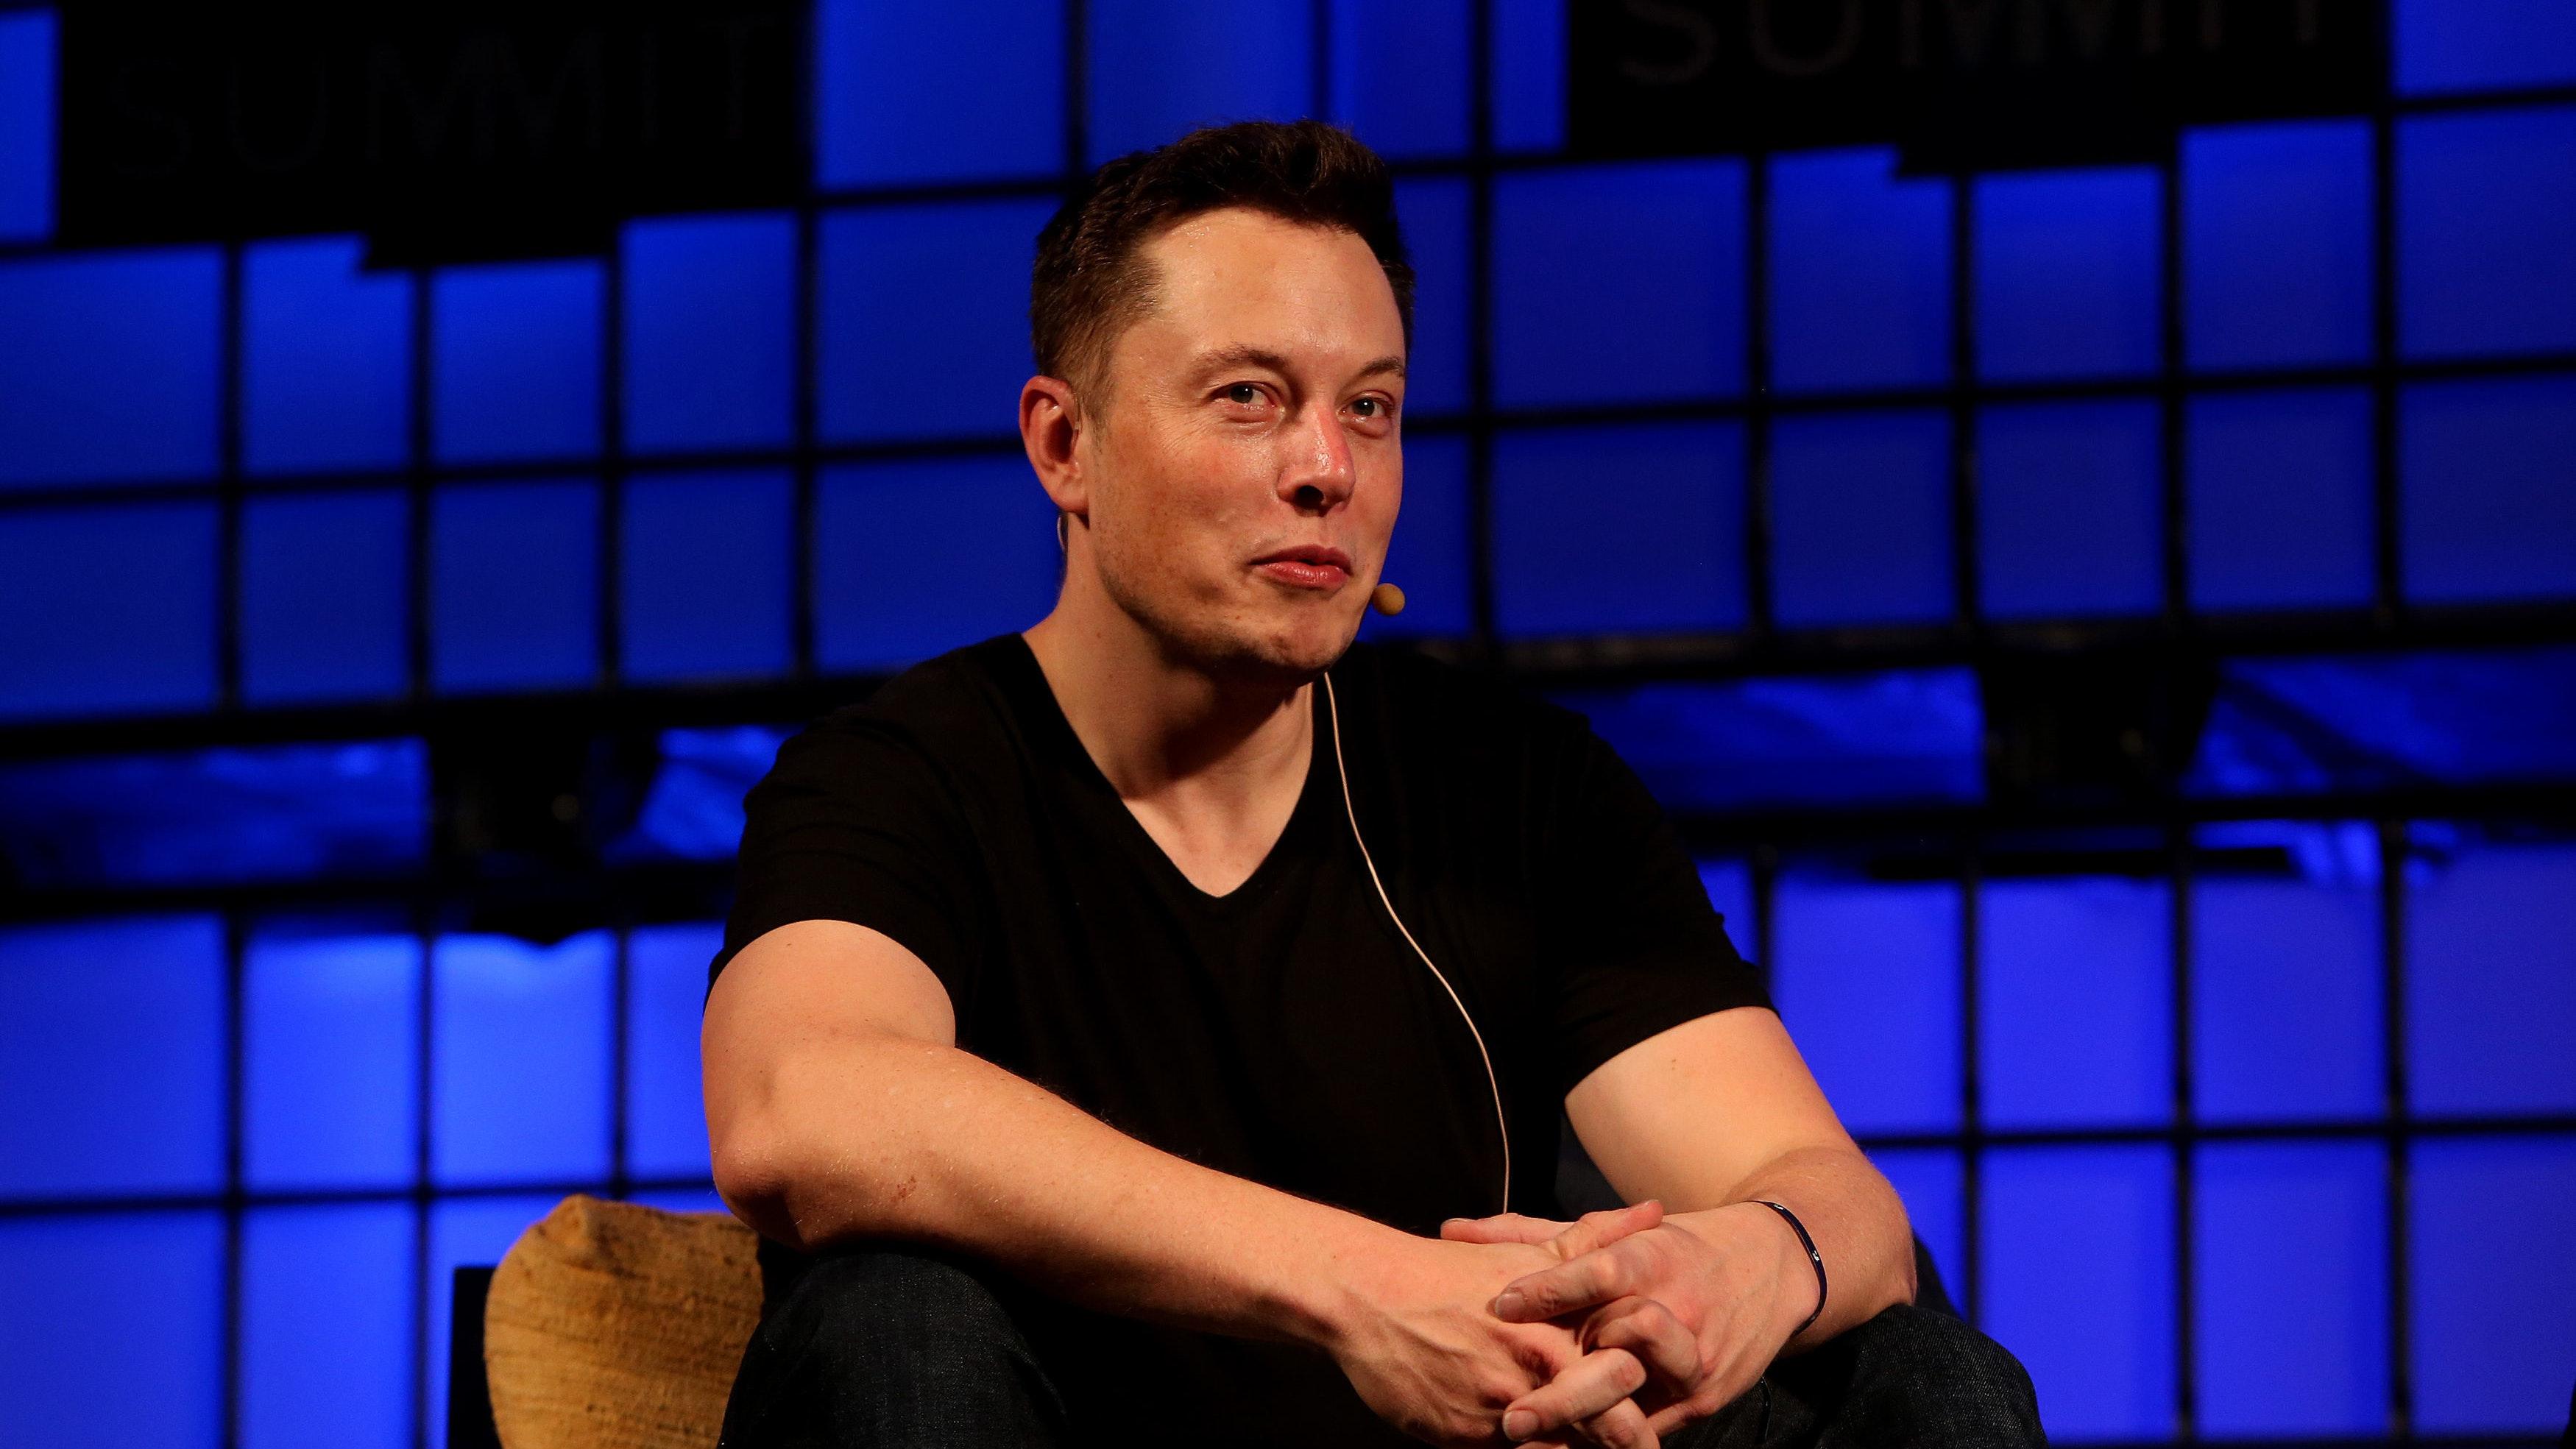 Elon Musk asks judge to toss Thailand cave rescue diver's lawsuit